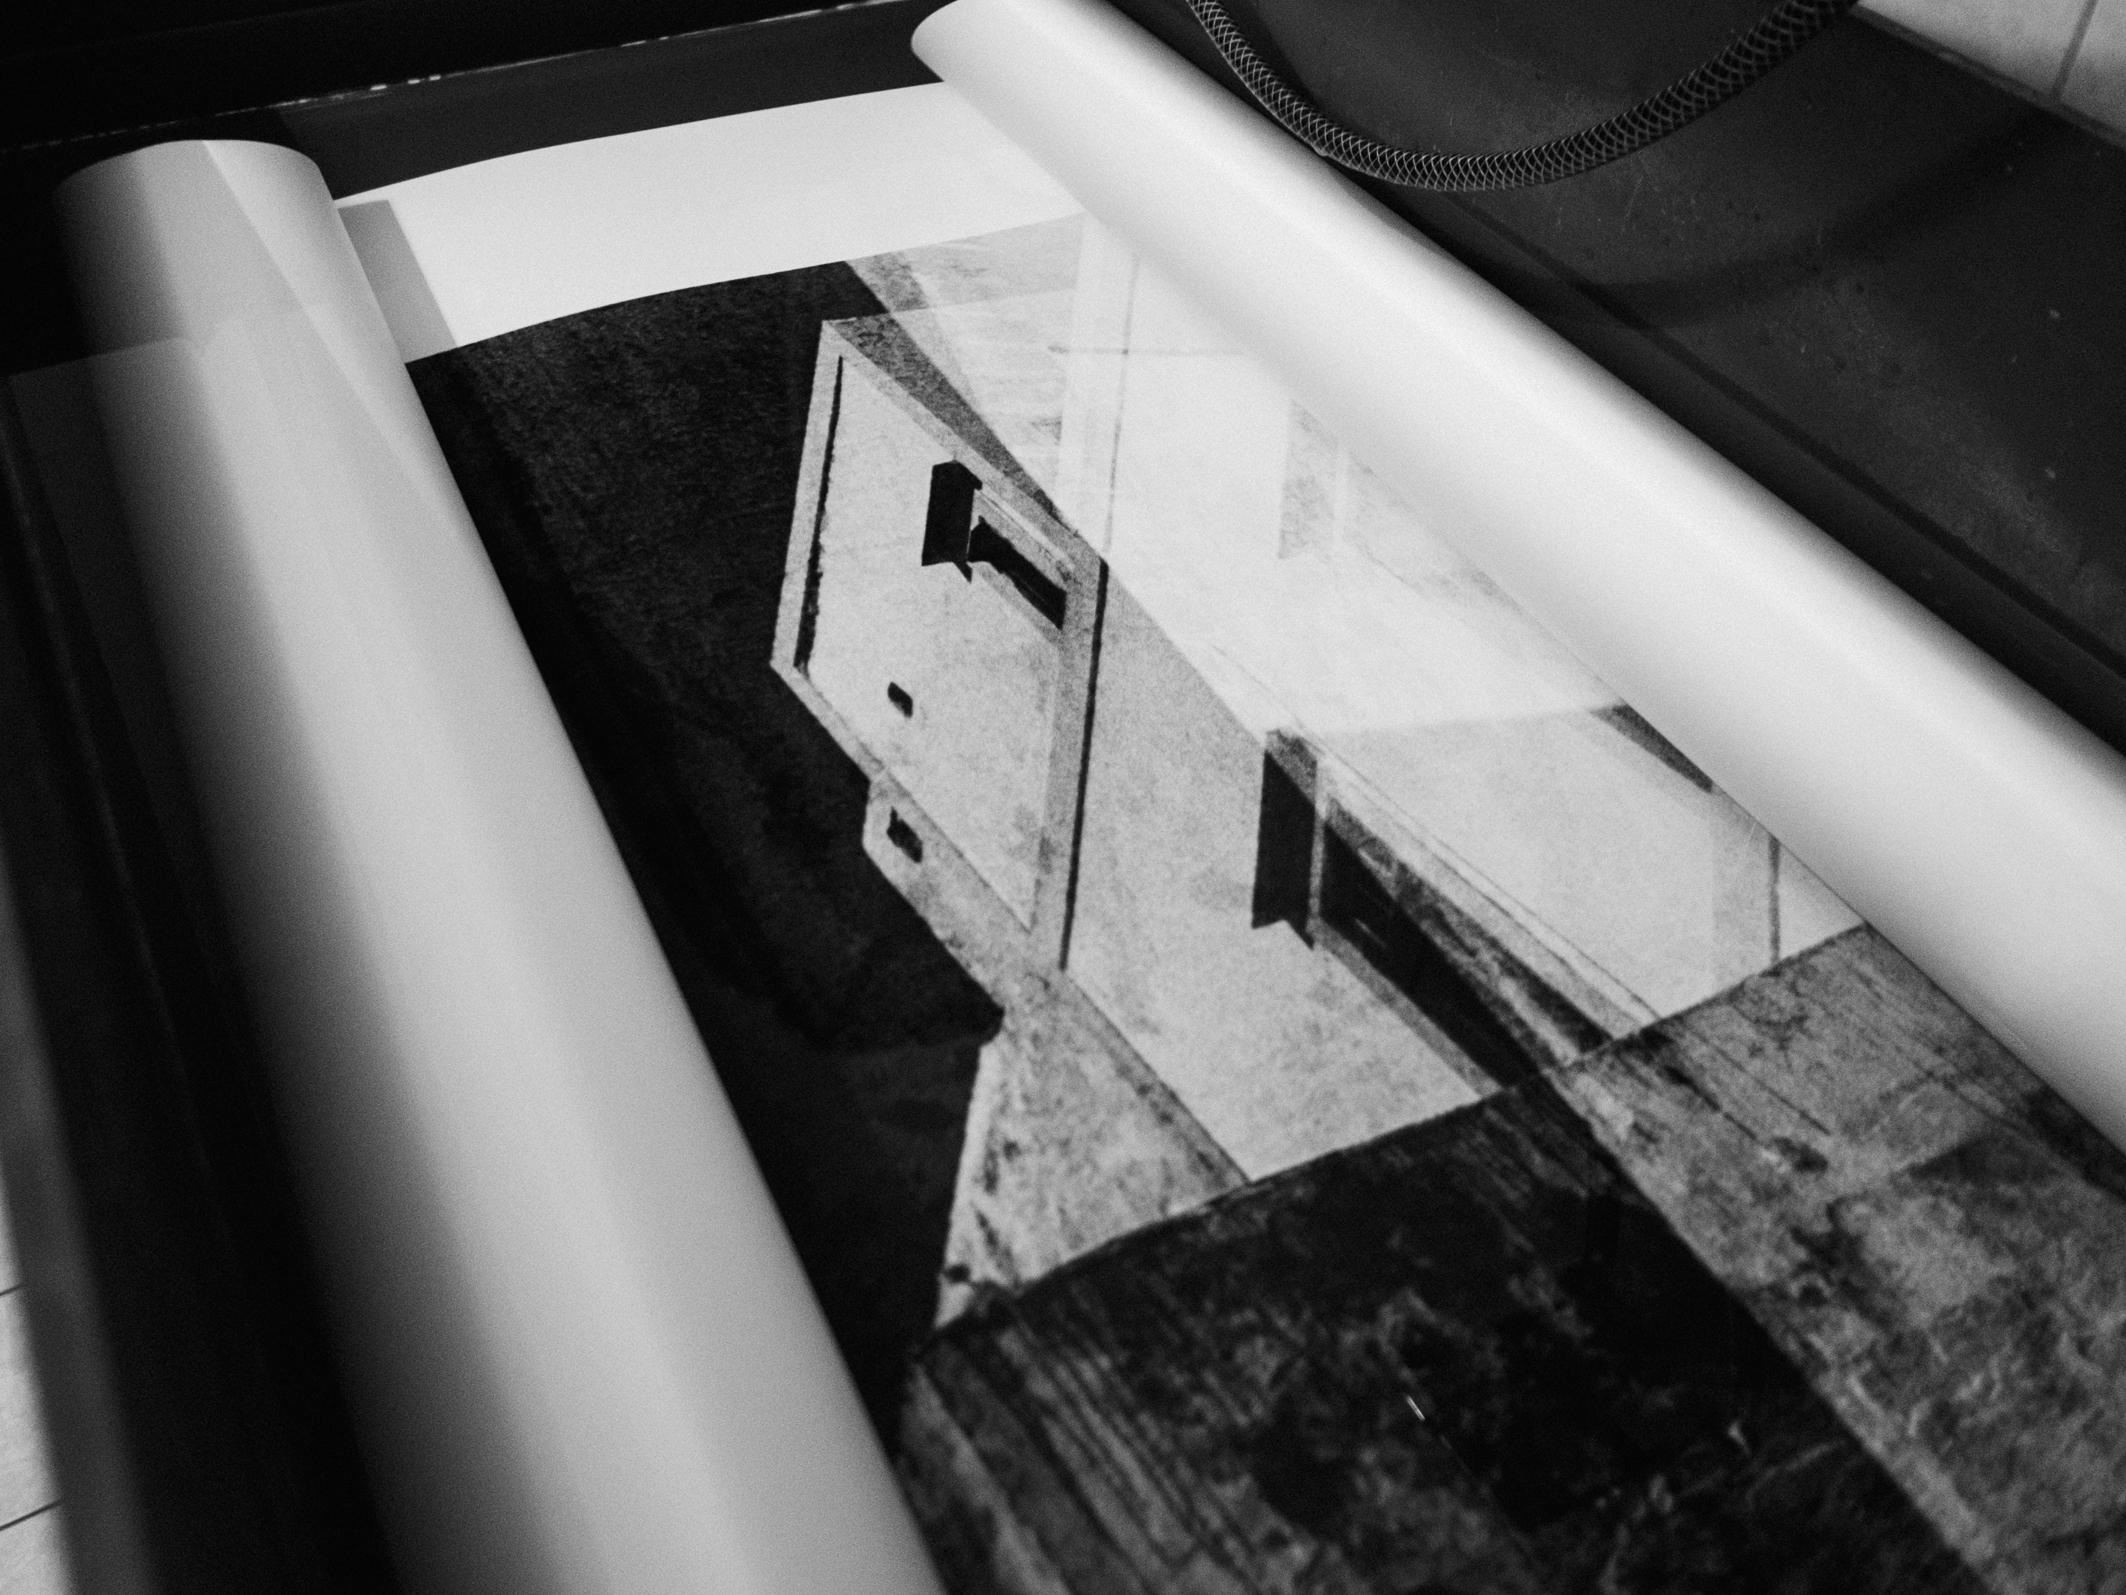 darkroom, watering of print